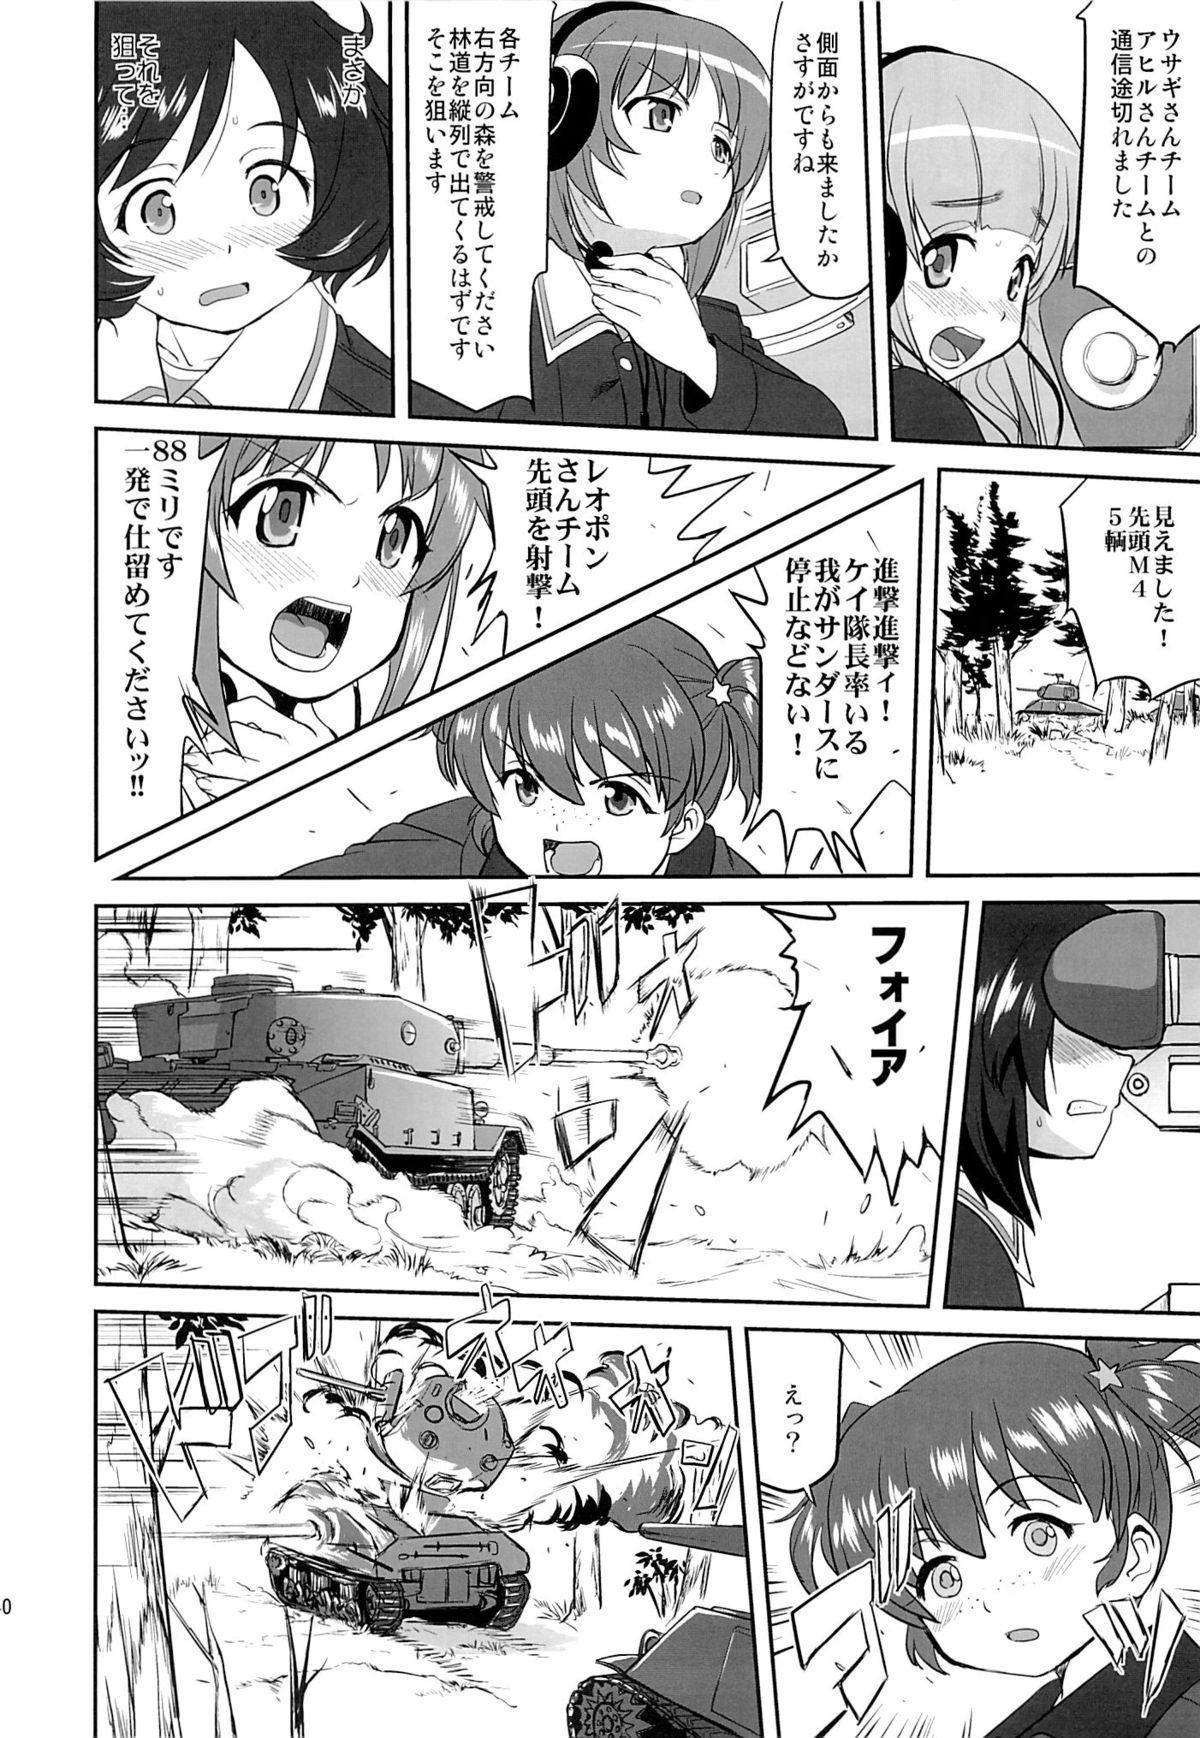 Yukiyukite Senshadou 36